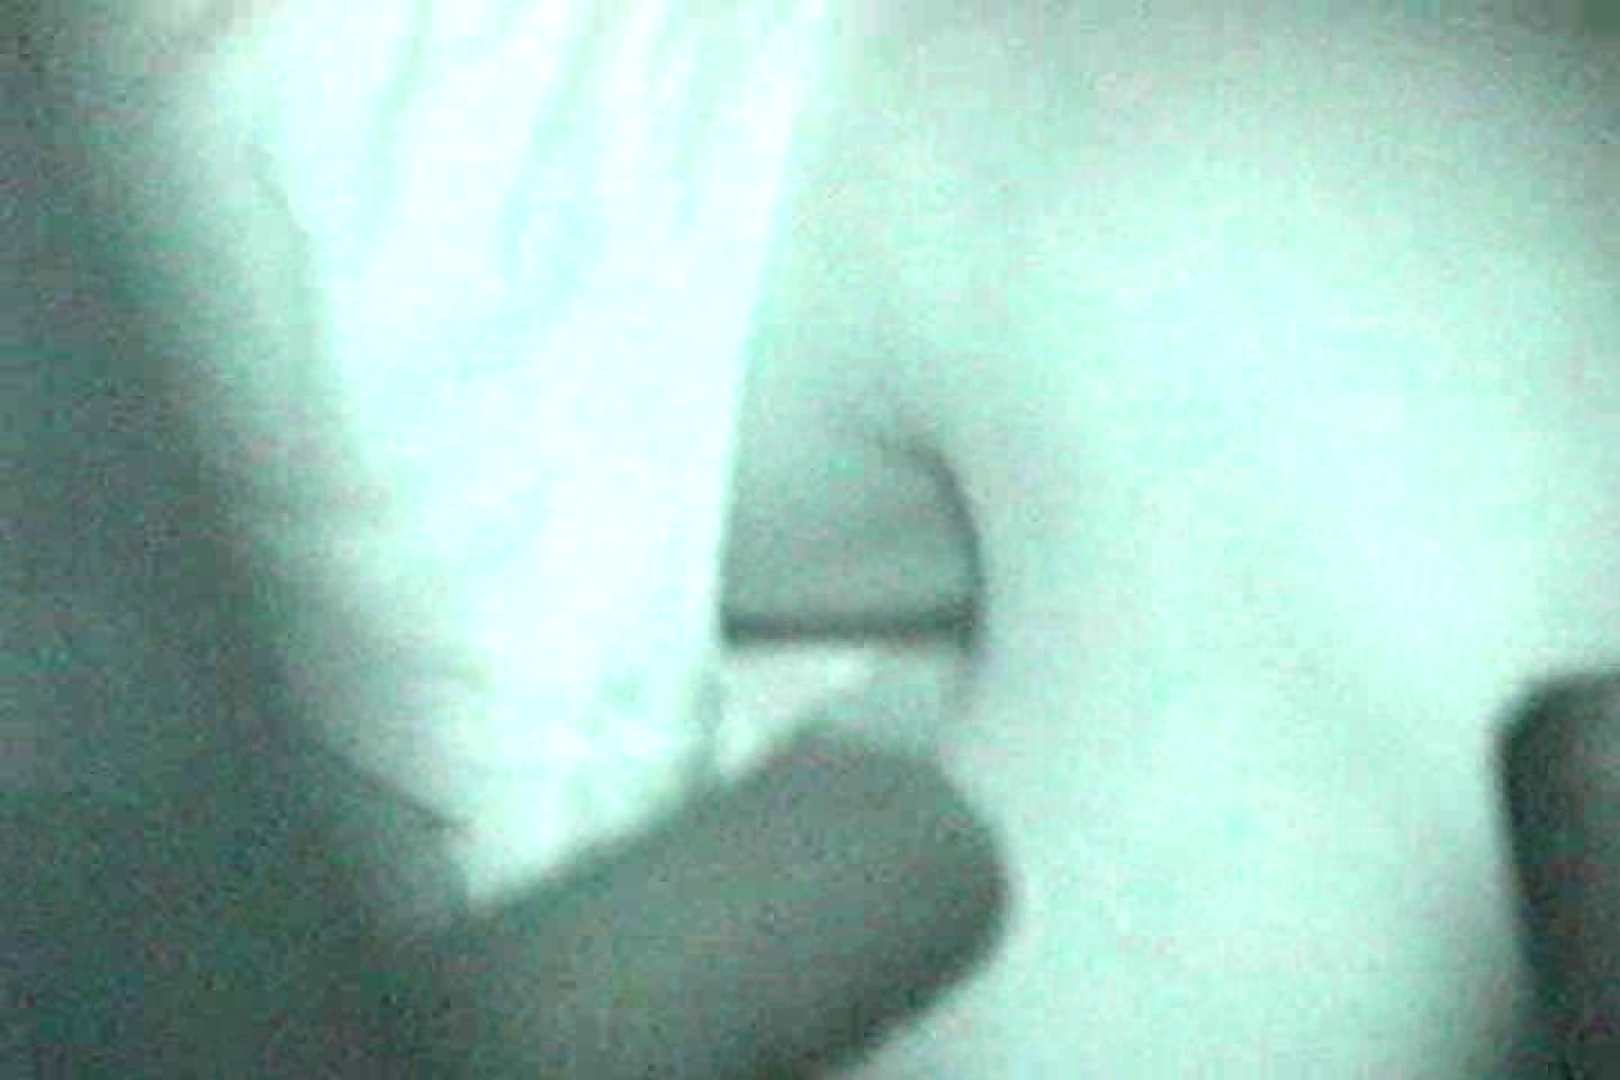 充血監督の深夜の運動会Vol.33 マンコ無修正 | セックス  85画像 46